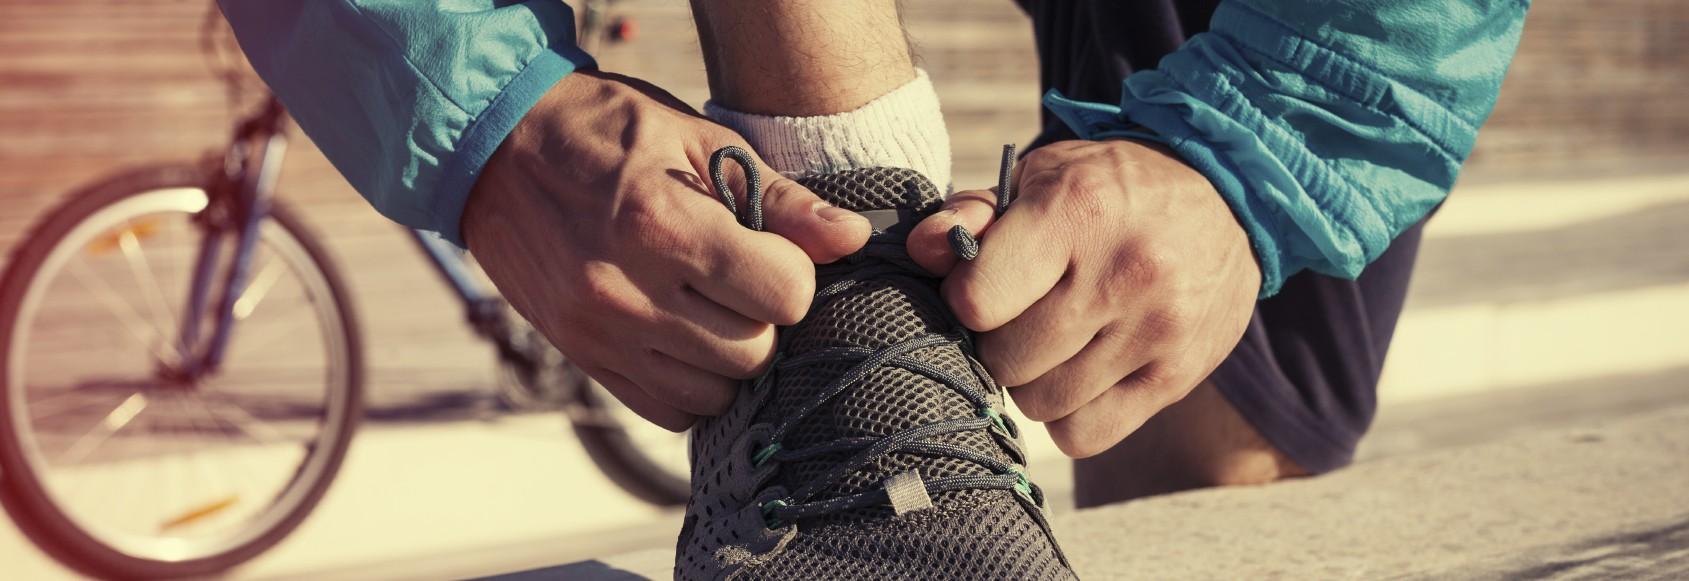 exercise beginner